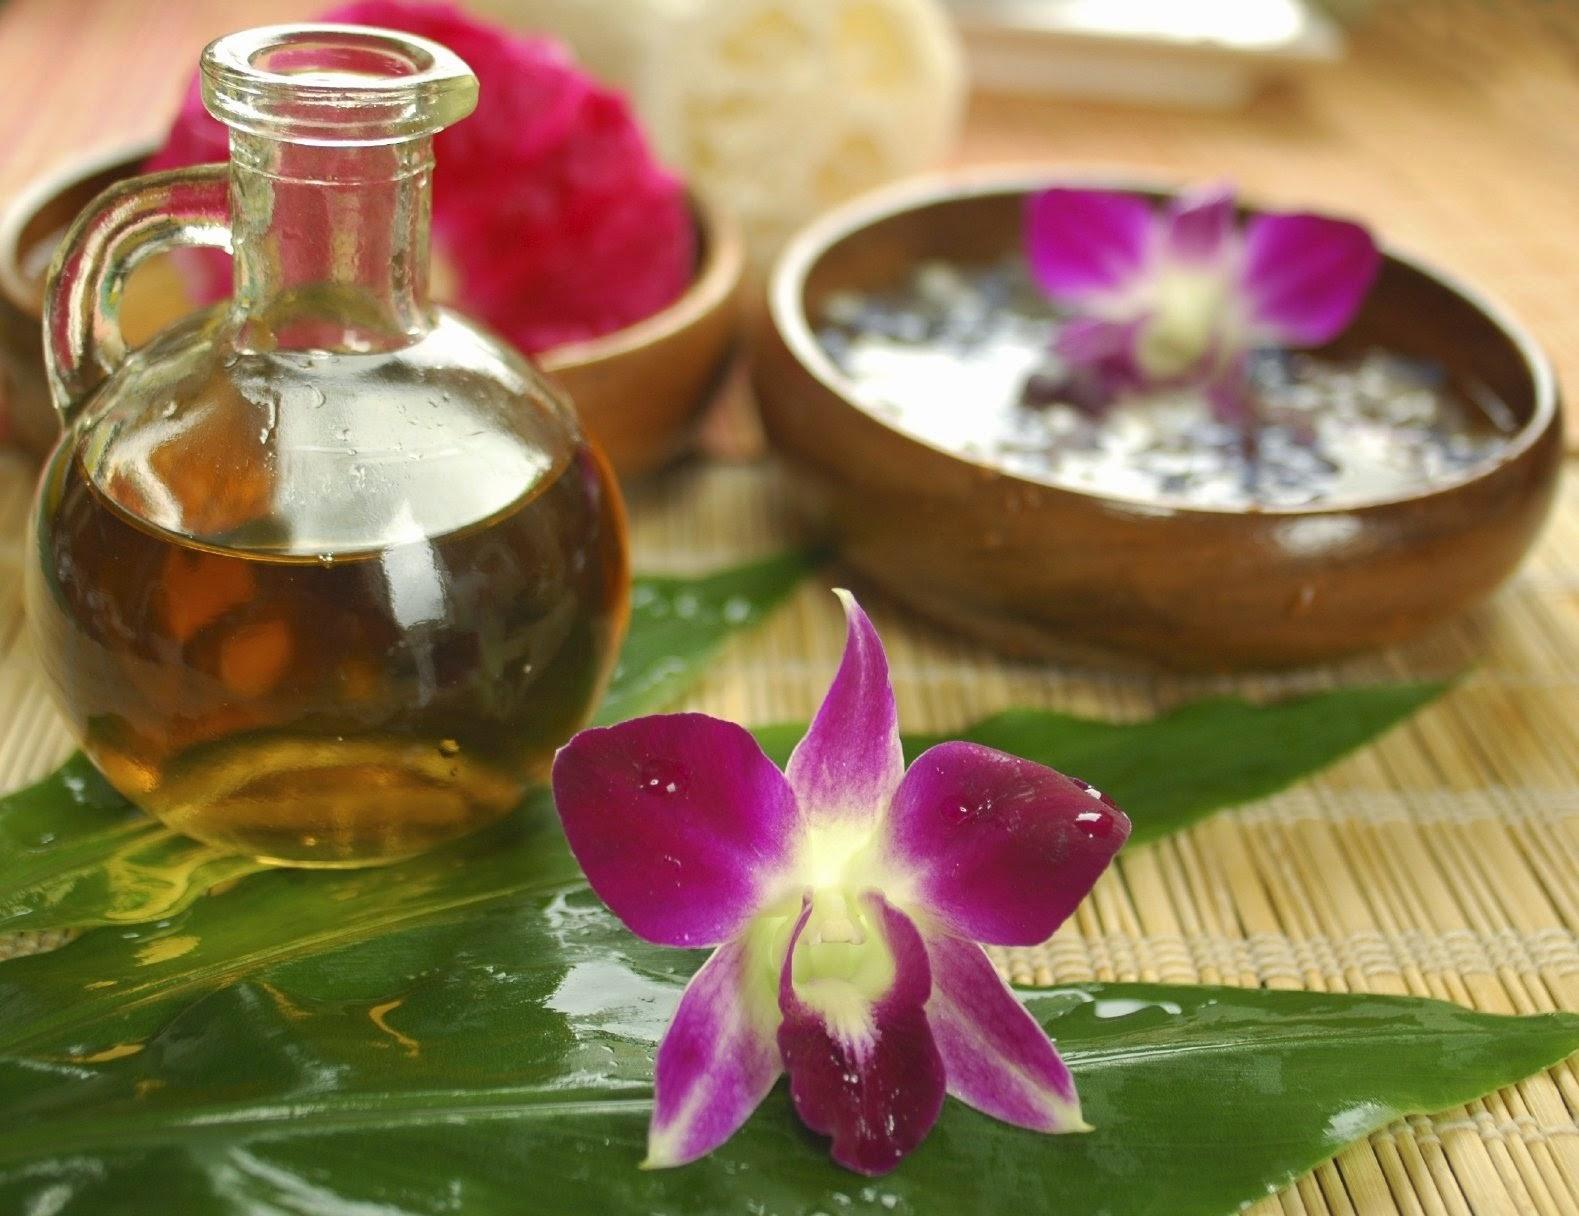 thai massage århus body to body olie massage